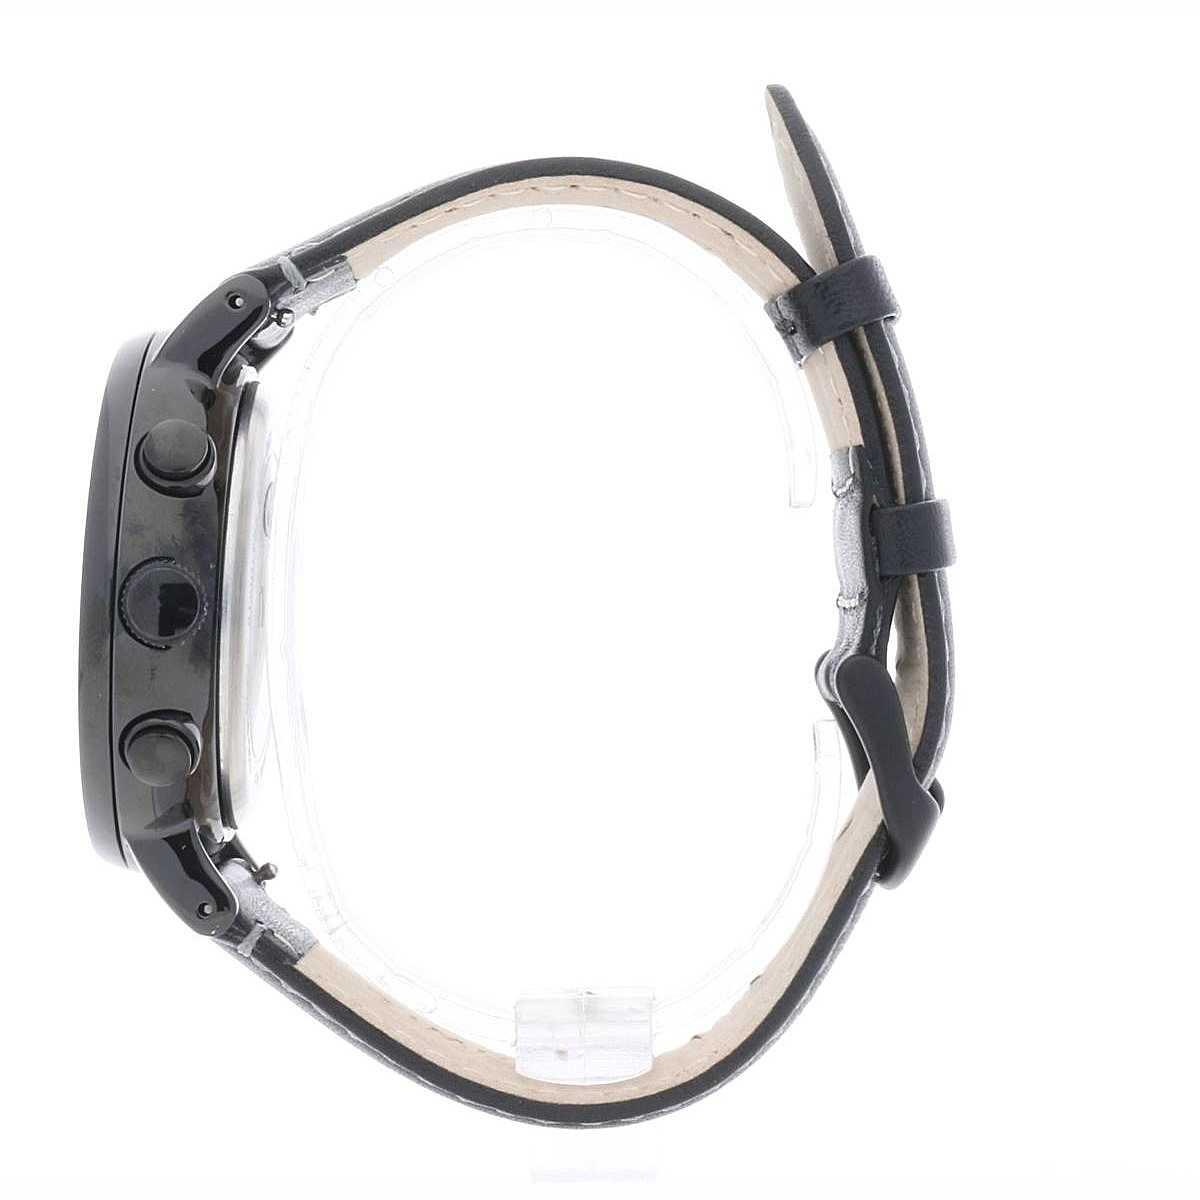 Watch Chronograph Man Timex Fairfield Tw2r37800 Weekender Original Prices Watches Zoom